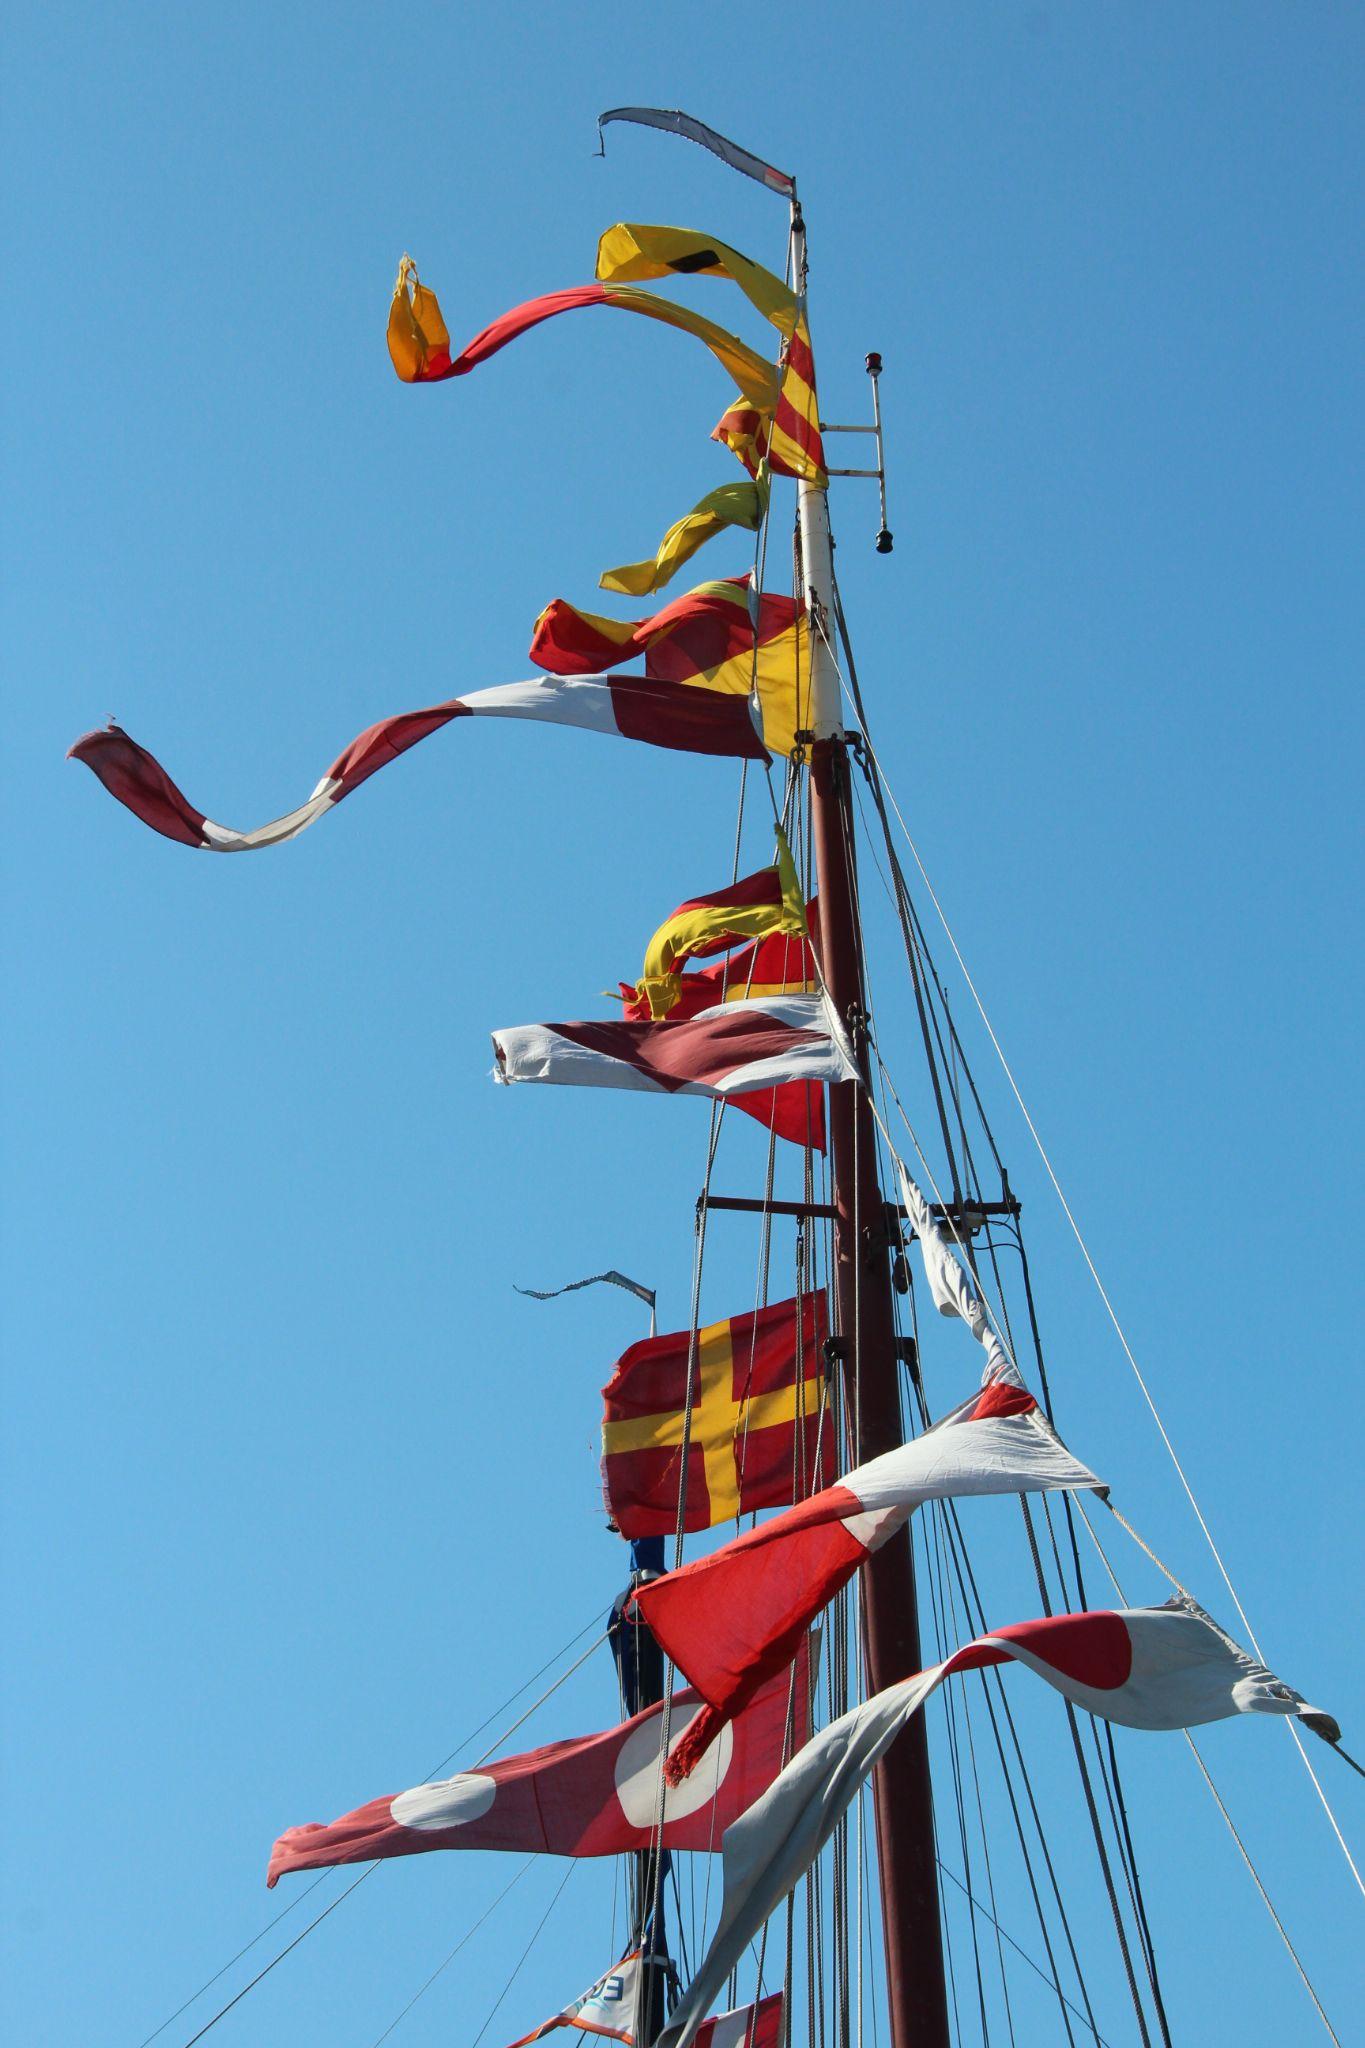 Flags ahoy by Henk de Groot